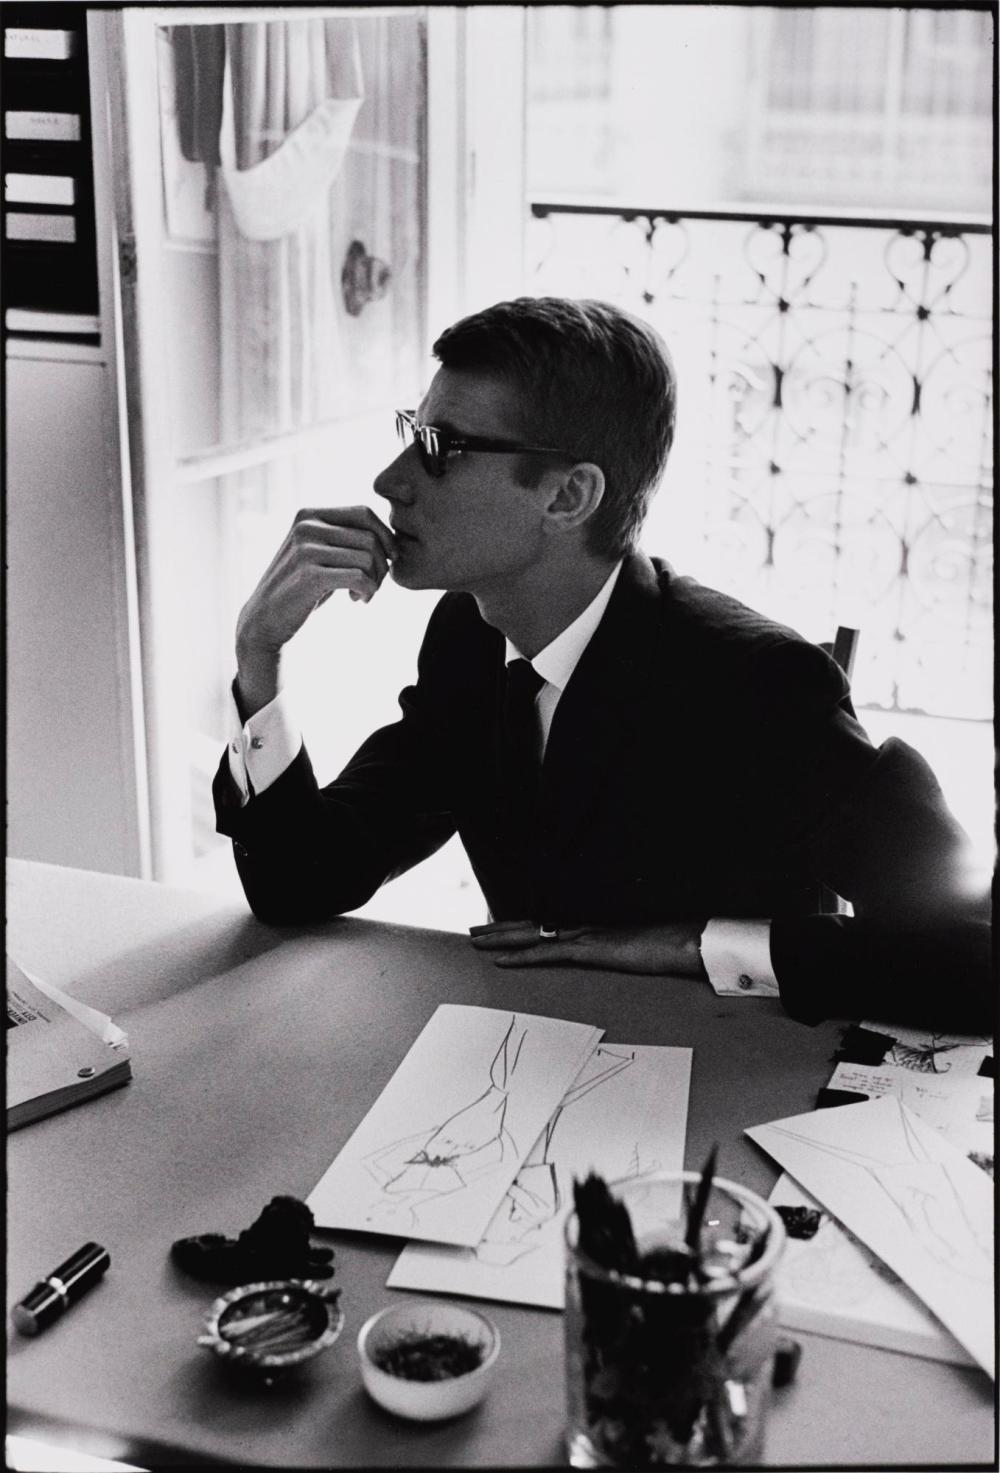 MARC RIBOUD | Yves Saint Laurent, Paris, 1964